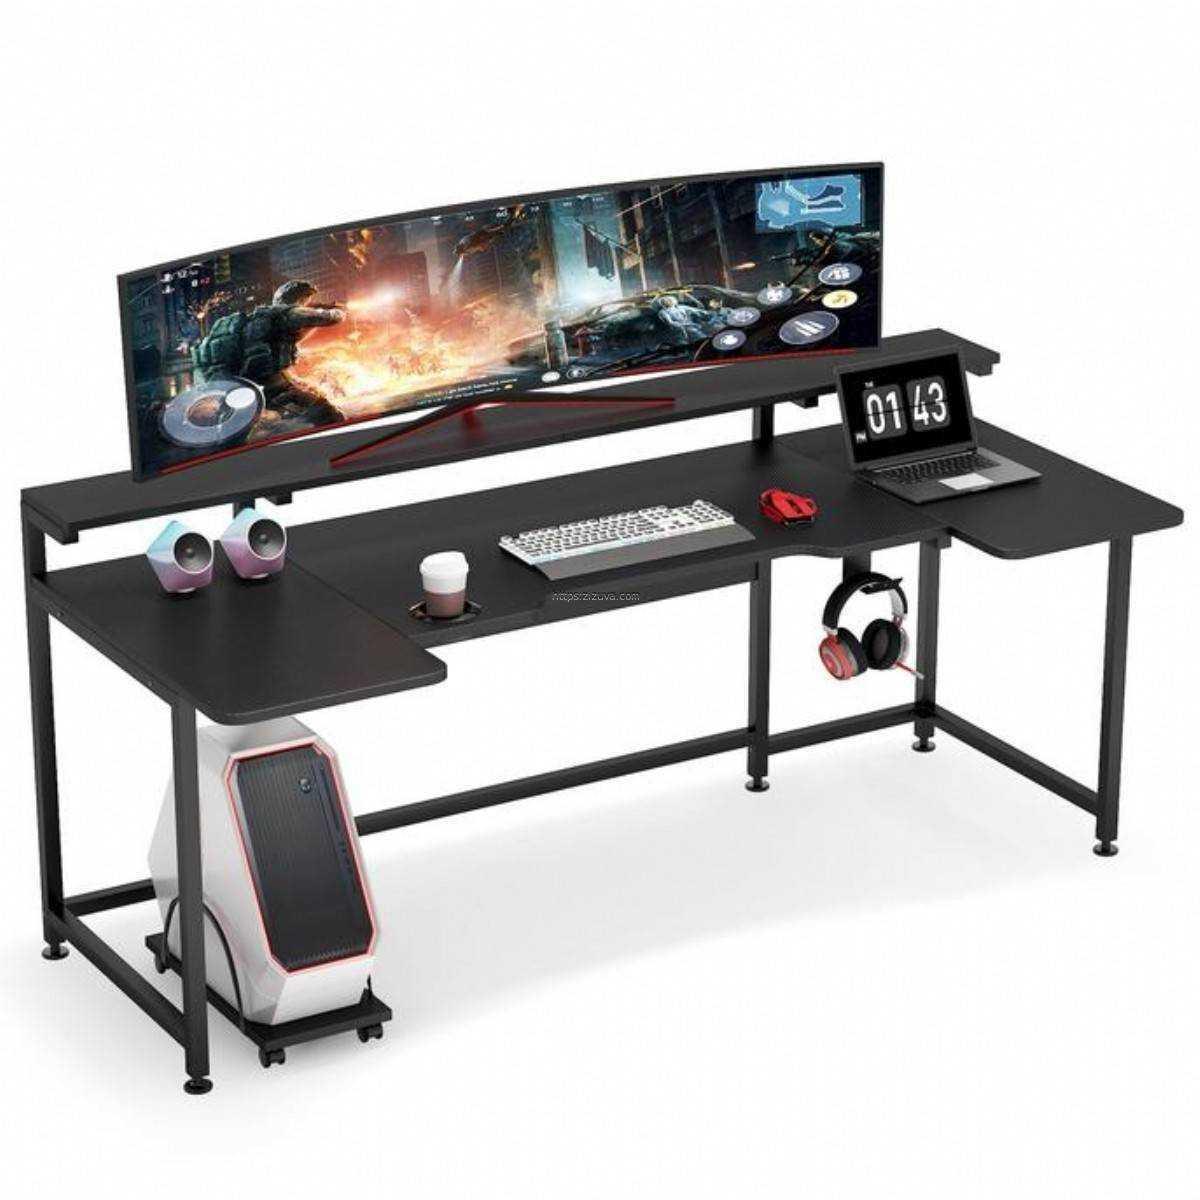 Zizuva Tasarım  Oyuncu Gaming  Metal Çalışma Masası